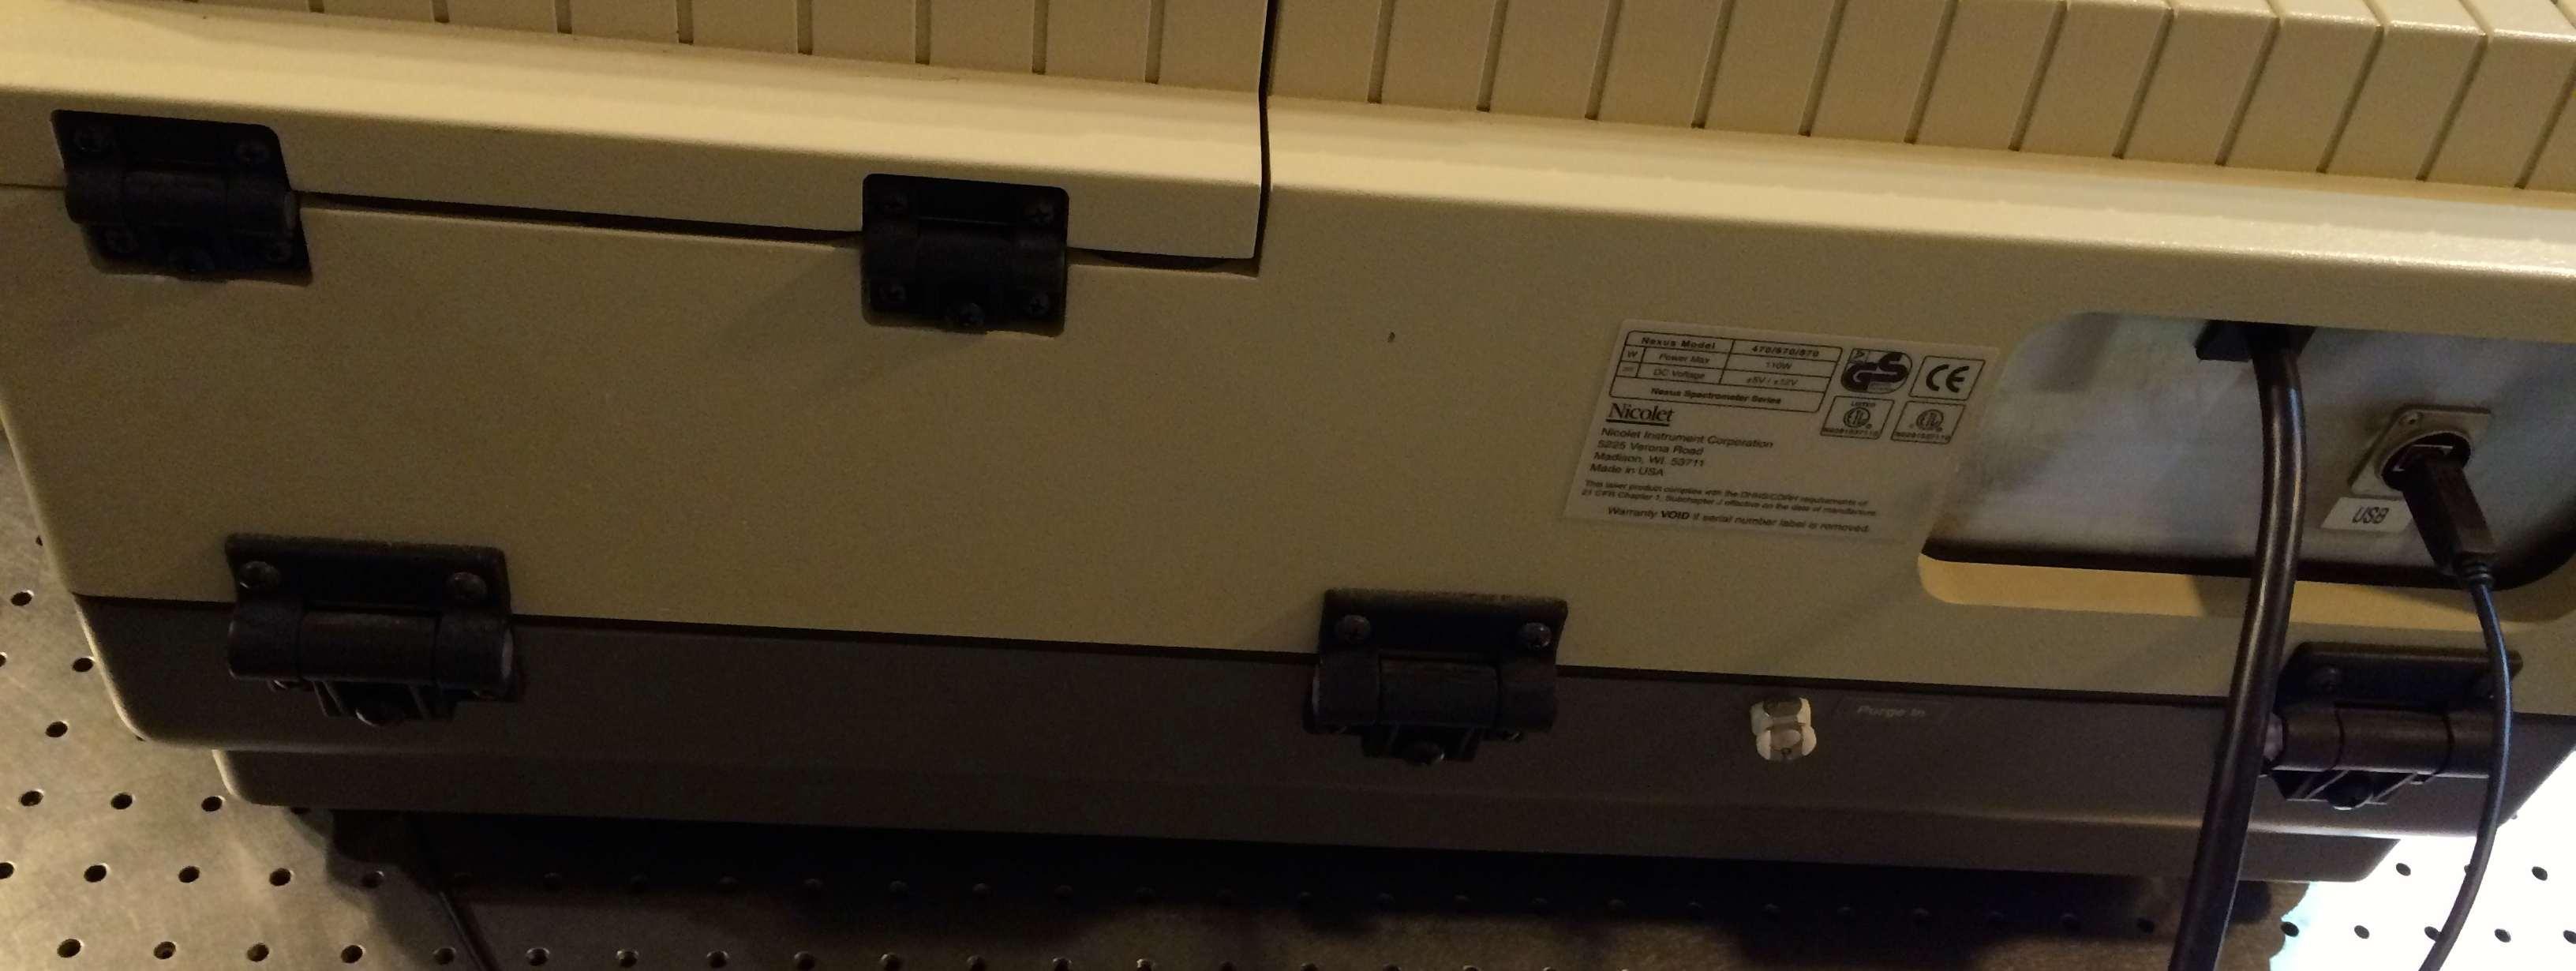 Thermo Nicolet 6700 FTIR